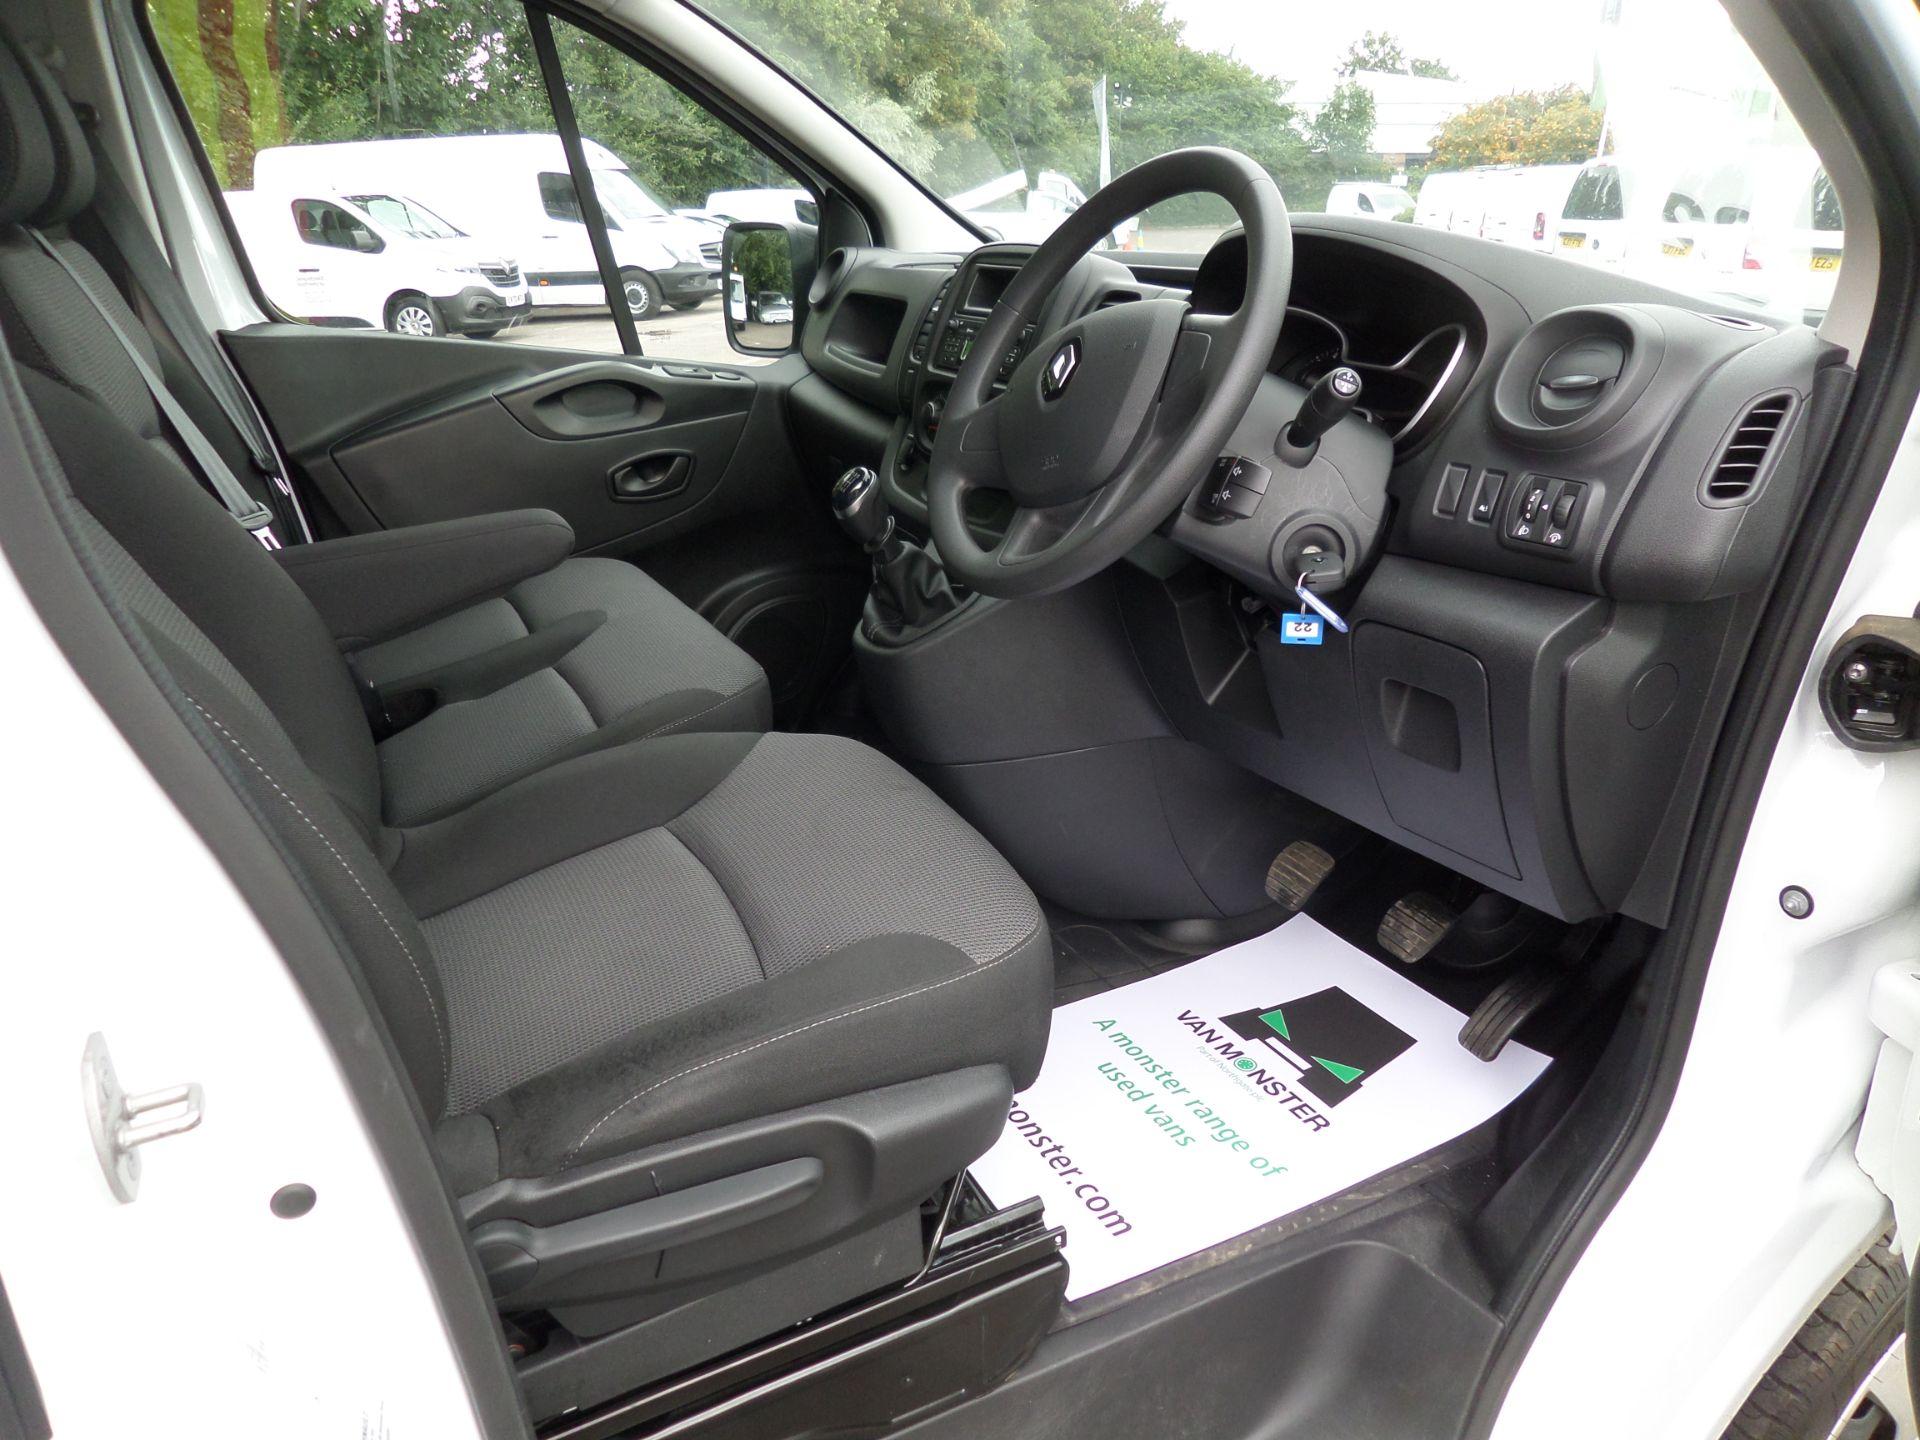 2020 Renault Trafic Sl28 Energy Dci 120 Business Van Euro 6 (EK70MUC) Image 11